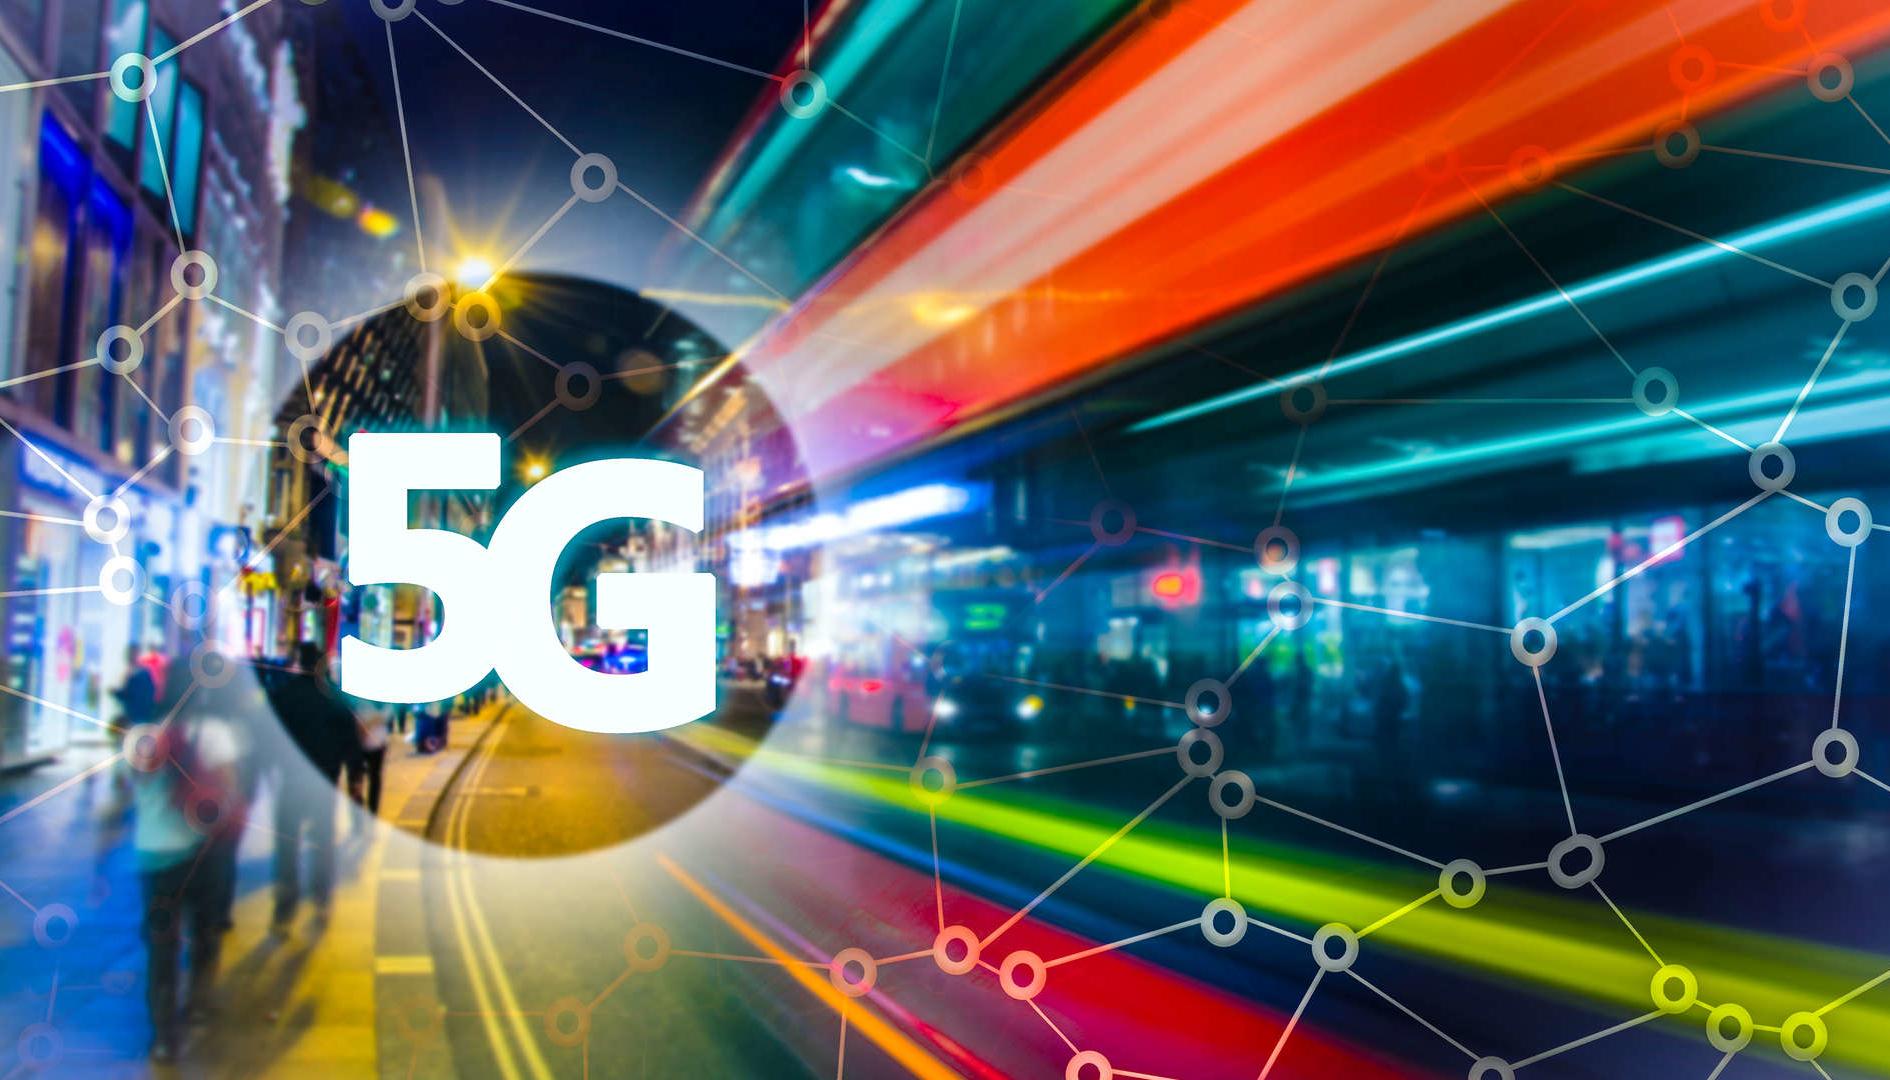 Via libera al 5G: nessun blocco da parte di sindaci grazie al nuovo Dl Semplificazioni